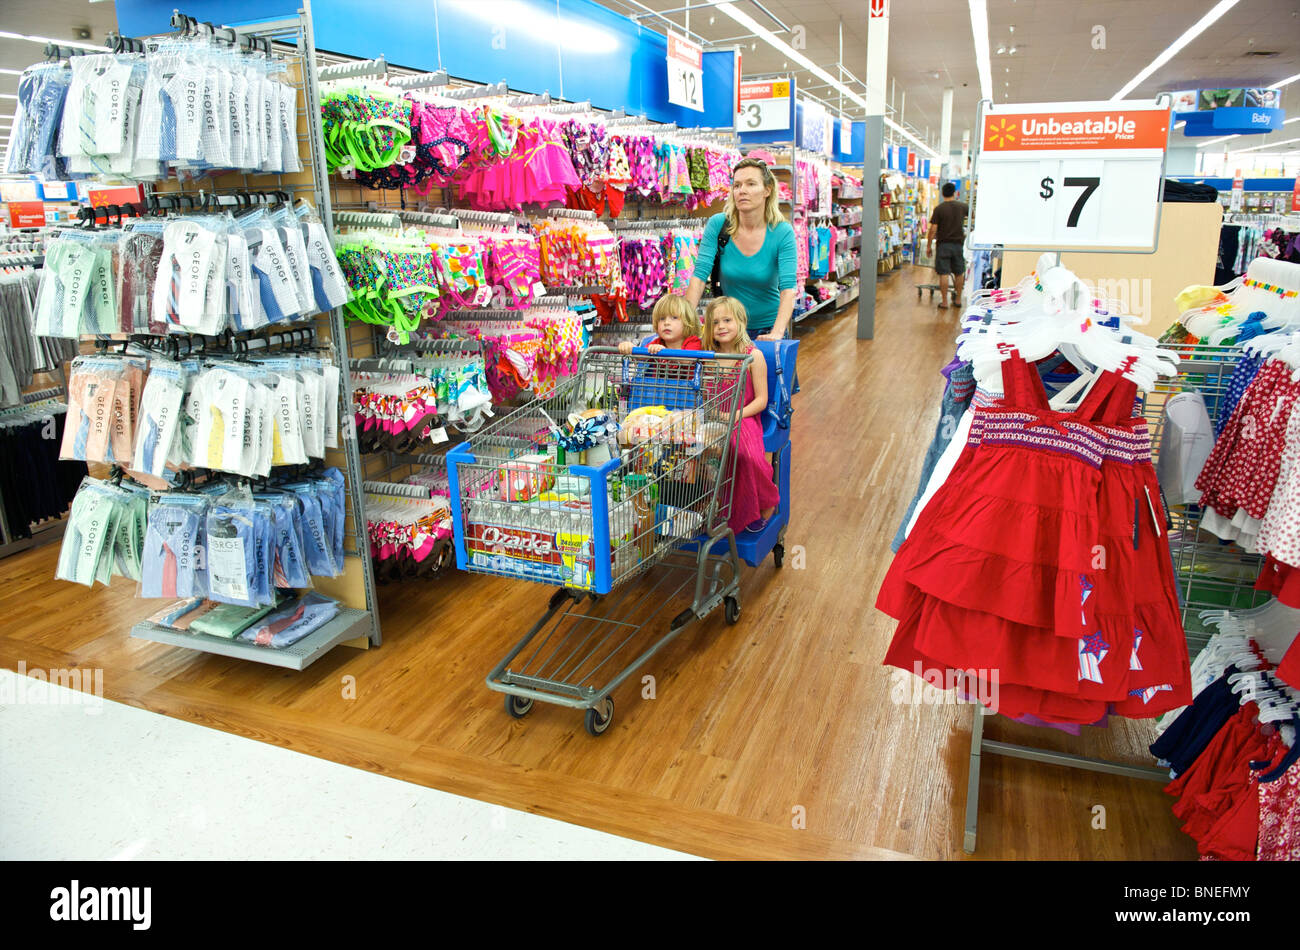 Woman shopping avec ses enfants dans le magasin dans le Texas, USA Banque D'Images